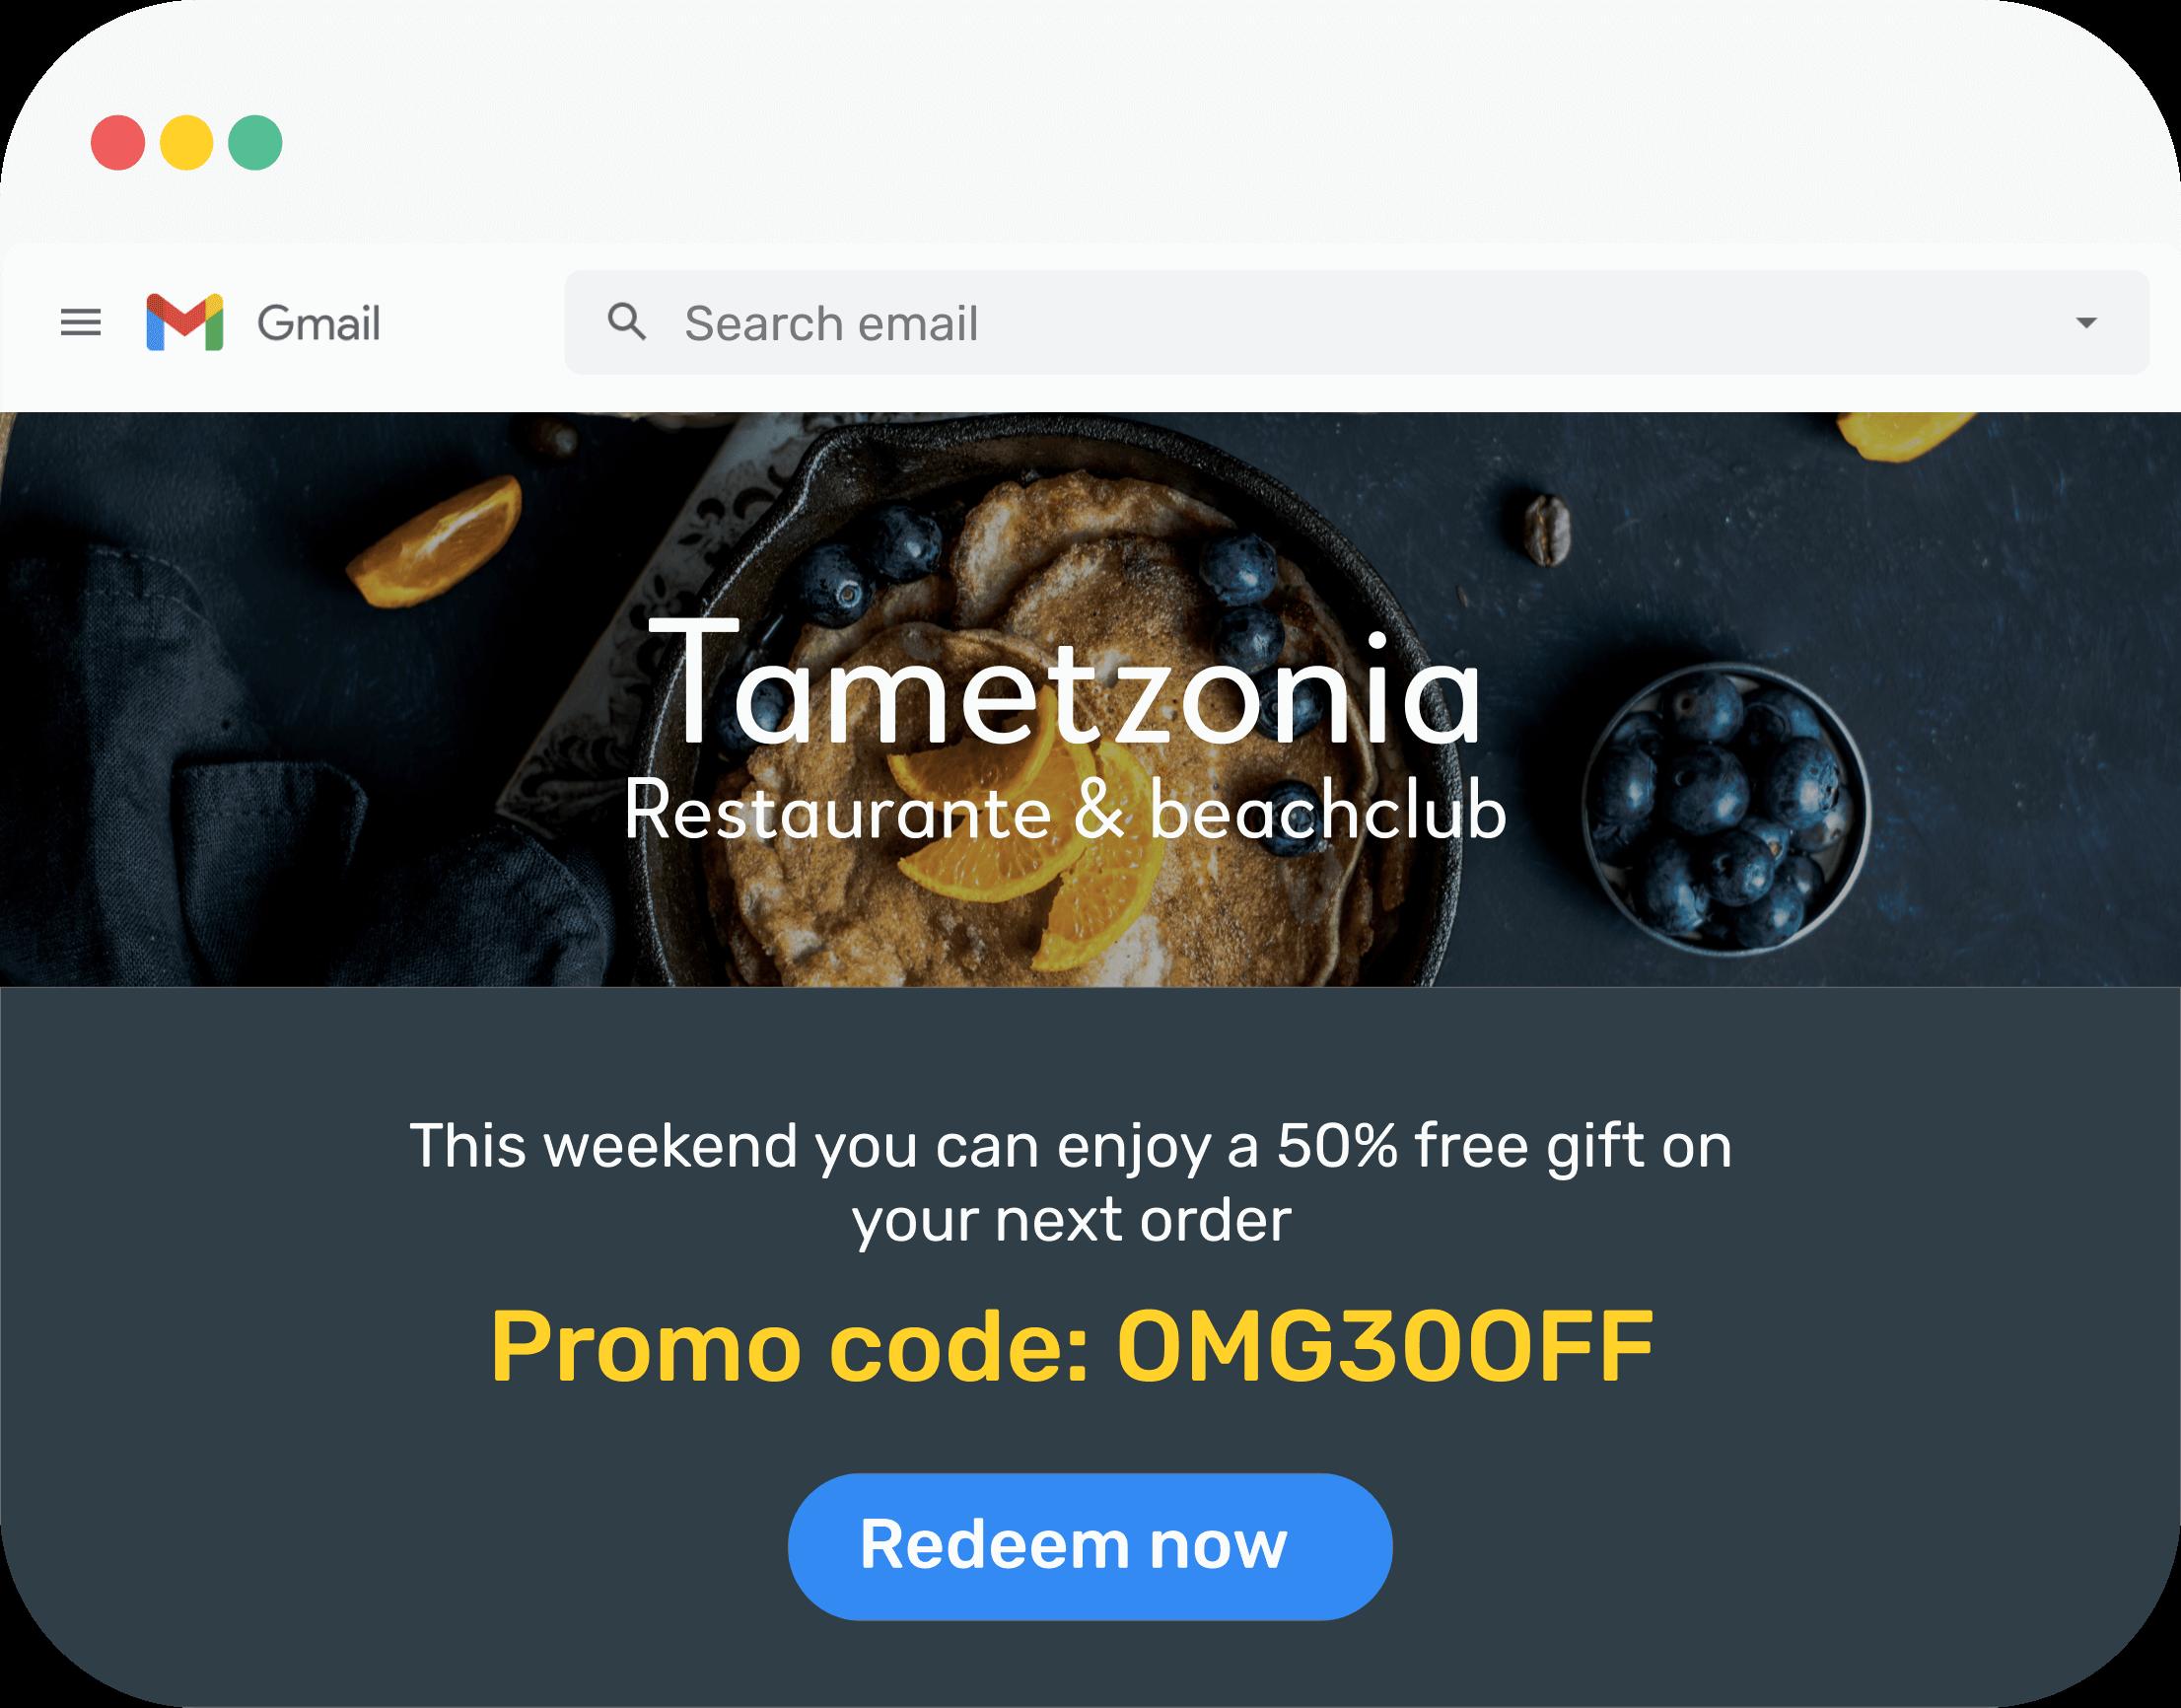 Vista de una ventana en el sitio web del restaurante que informa al cliente sobre la posibilidad de canjear un código promocional disponible.